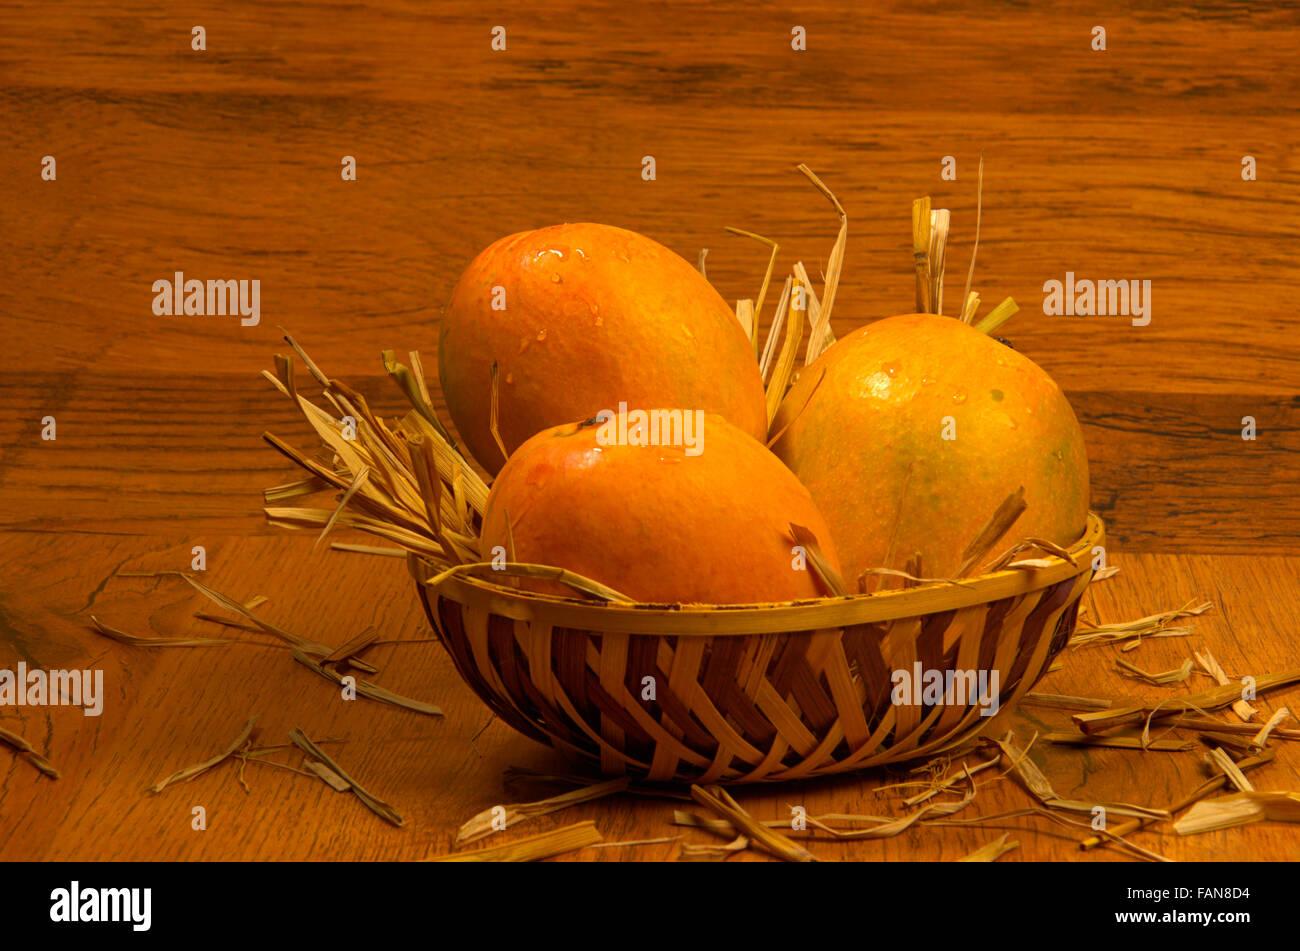 Mangoes Stock Photos & Mangoes Stock Images - Alamy